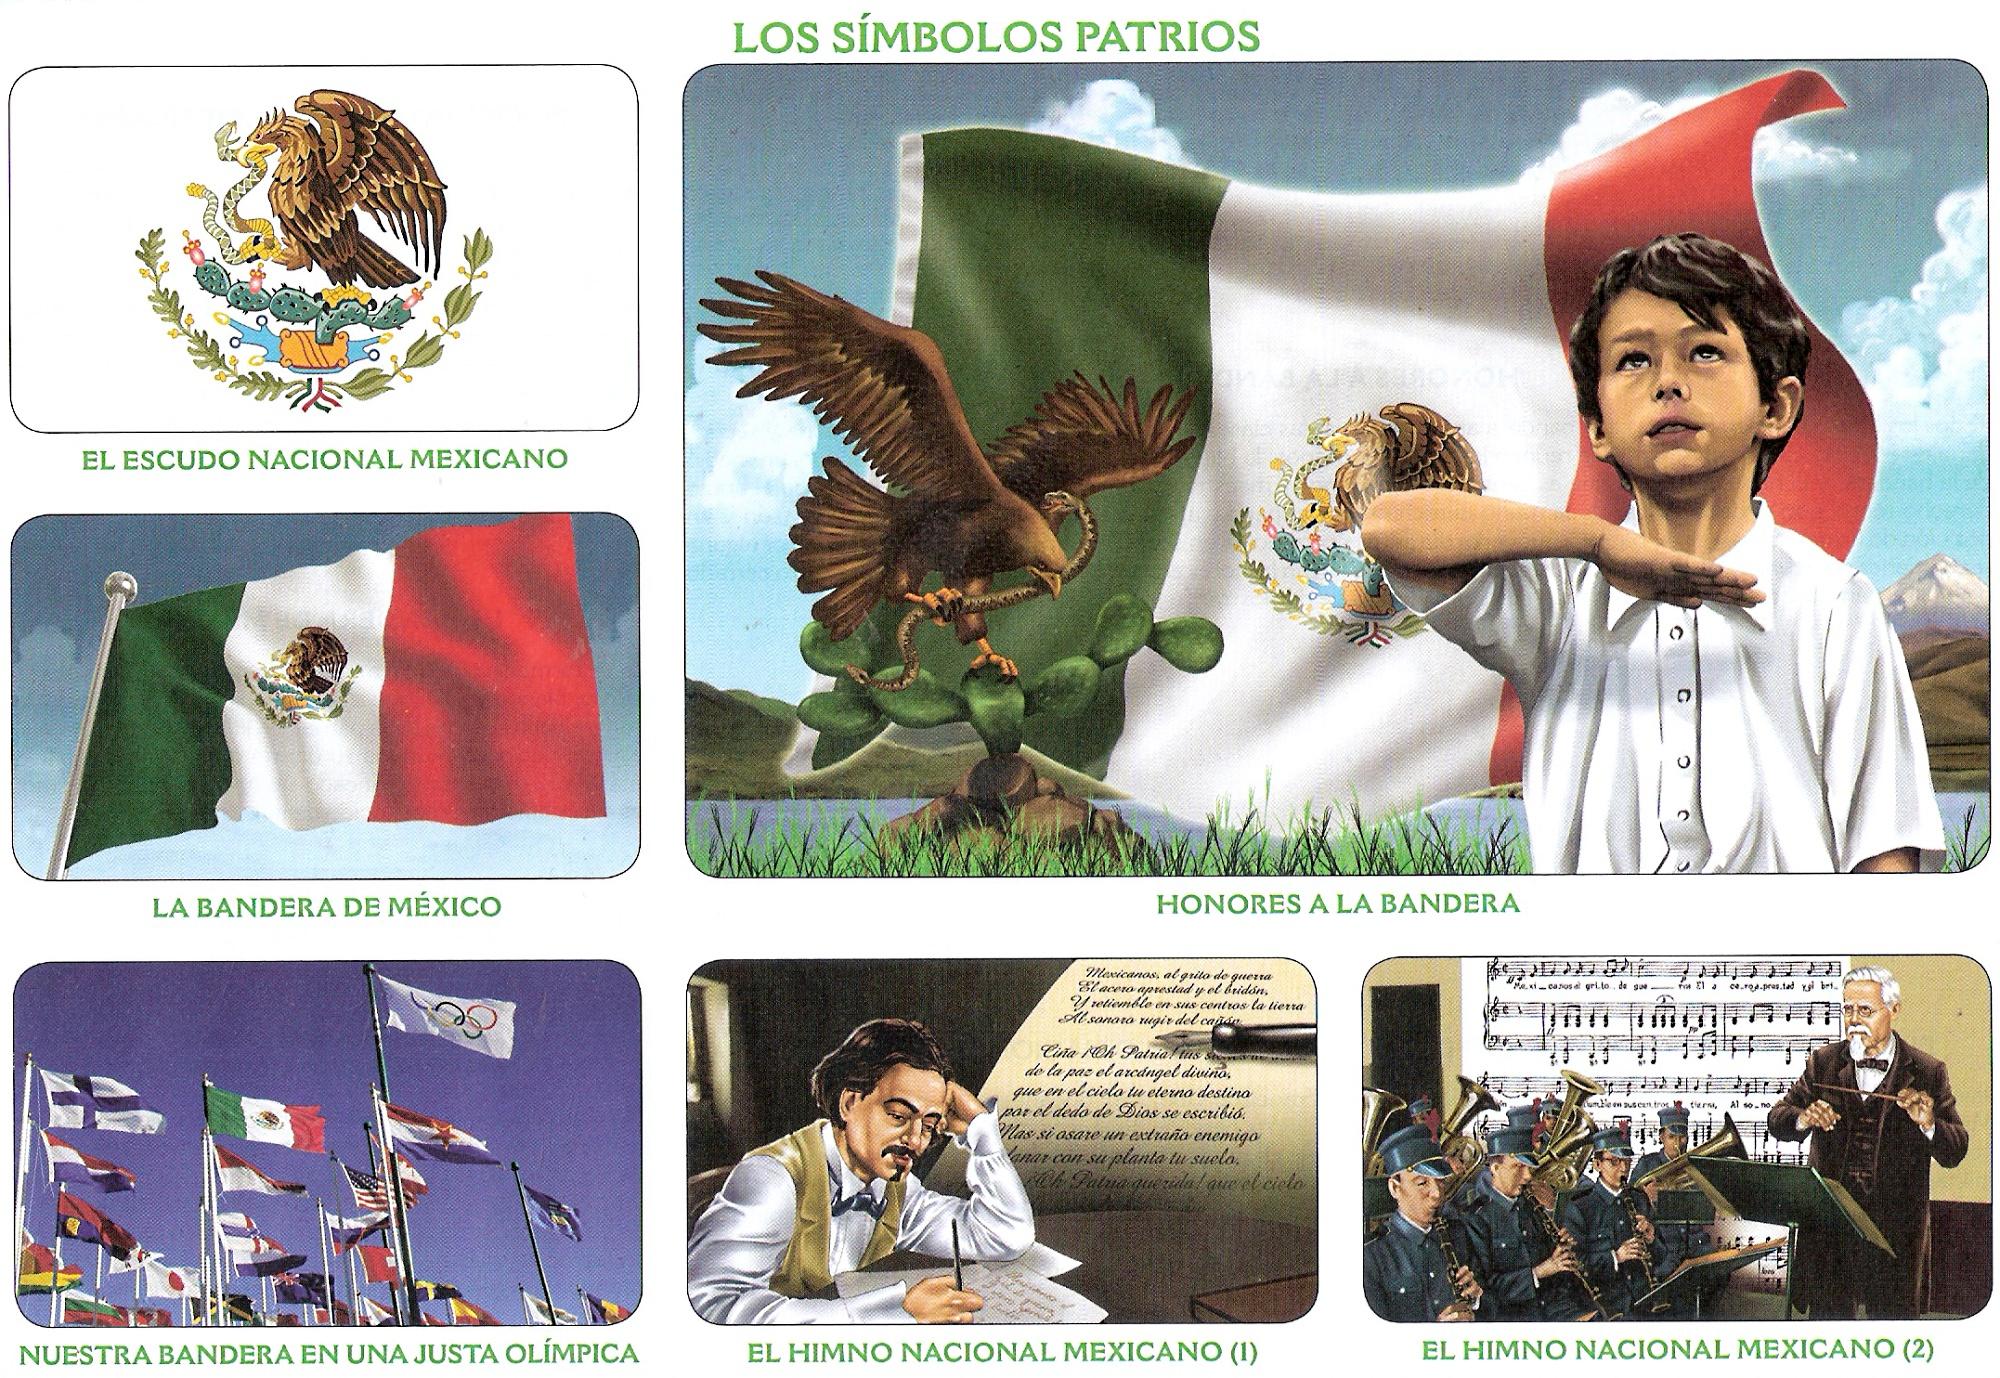 el himno nacional mexicano no es el más bello